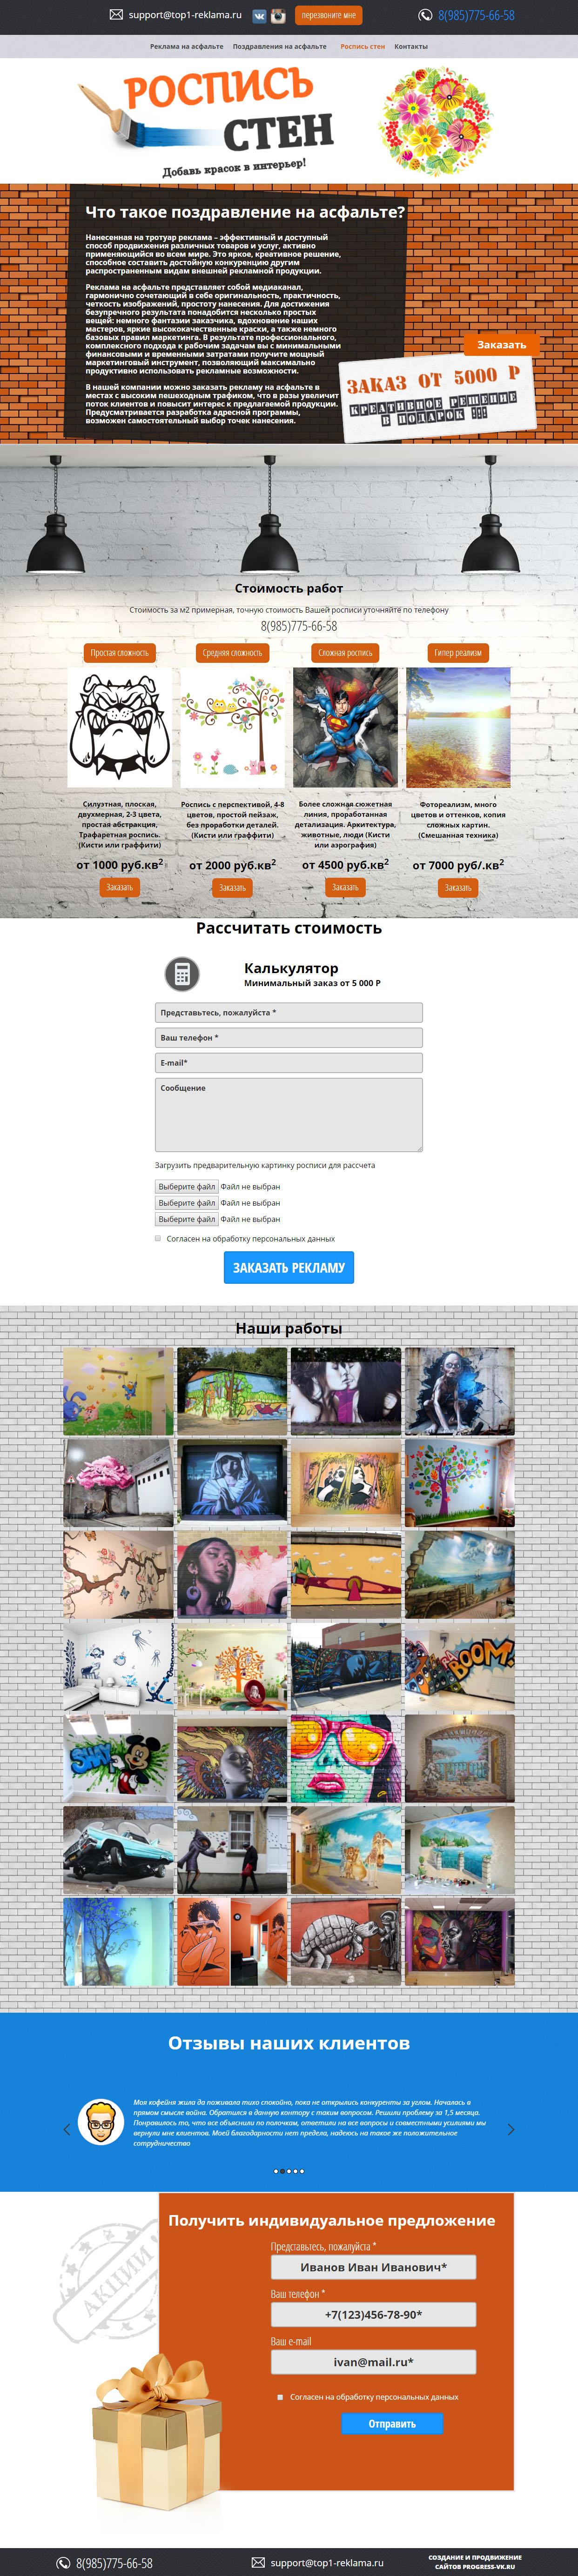 Создание сайта рекламы на асфальте